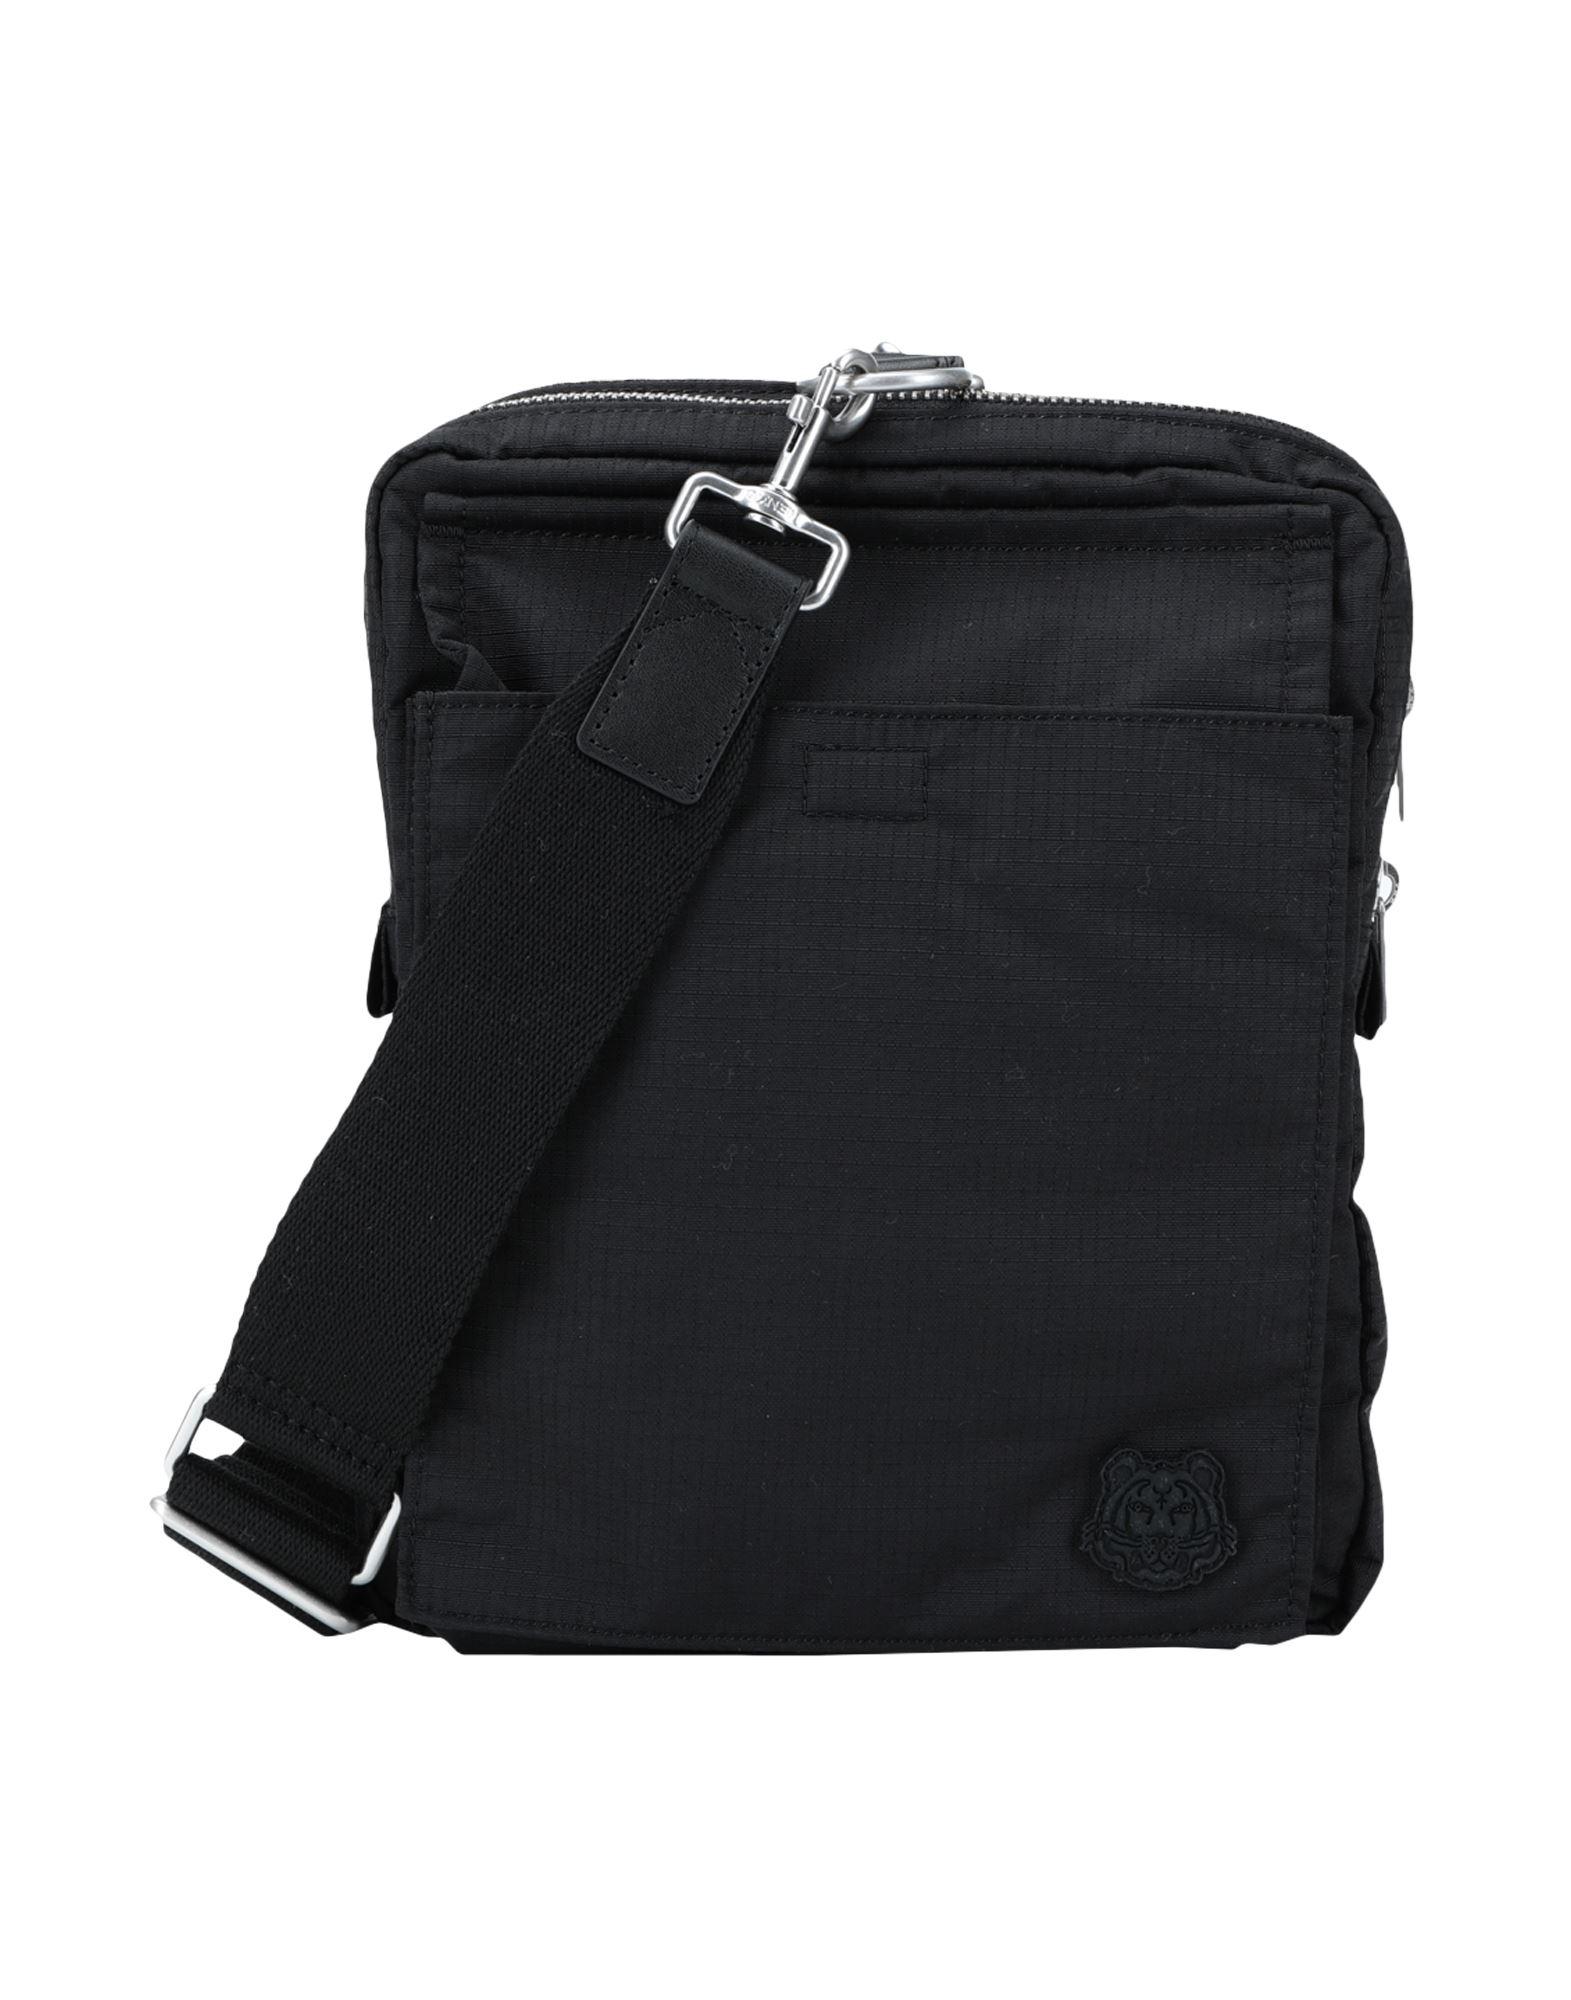 KENZO Travel duffel bags - Item 45579929